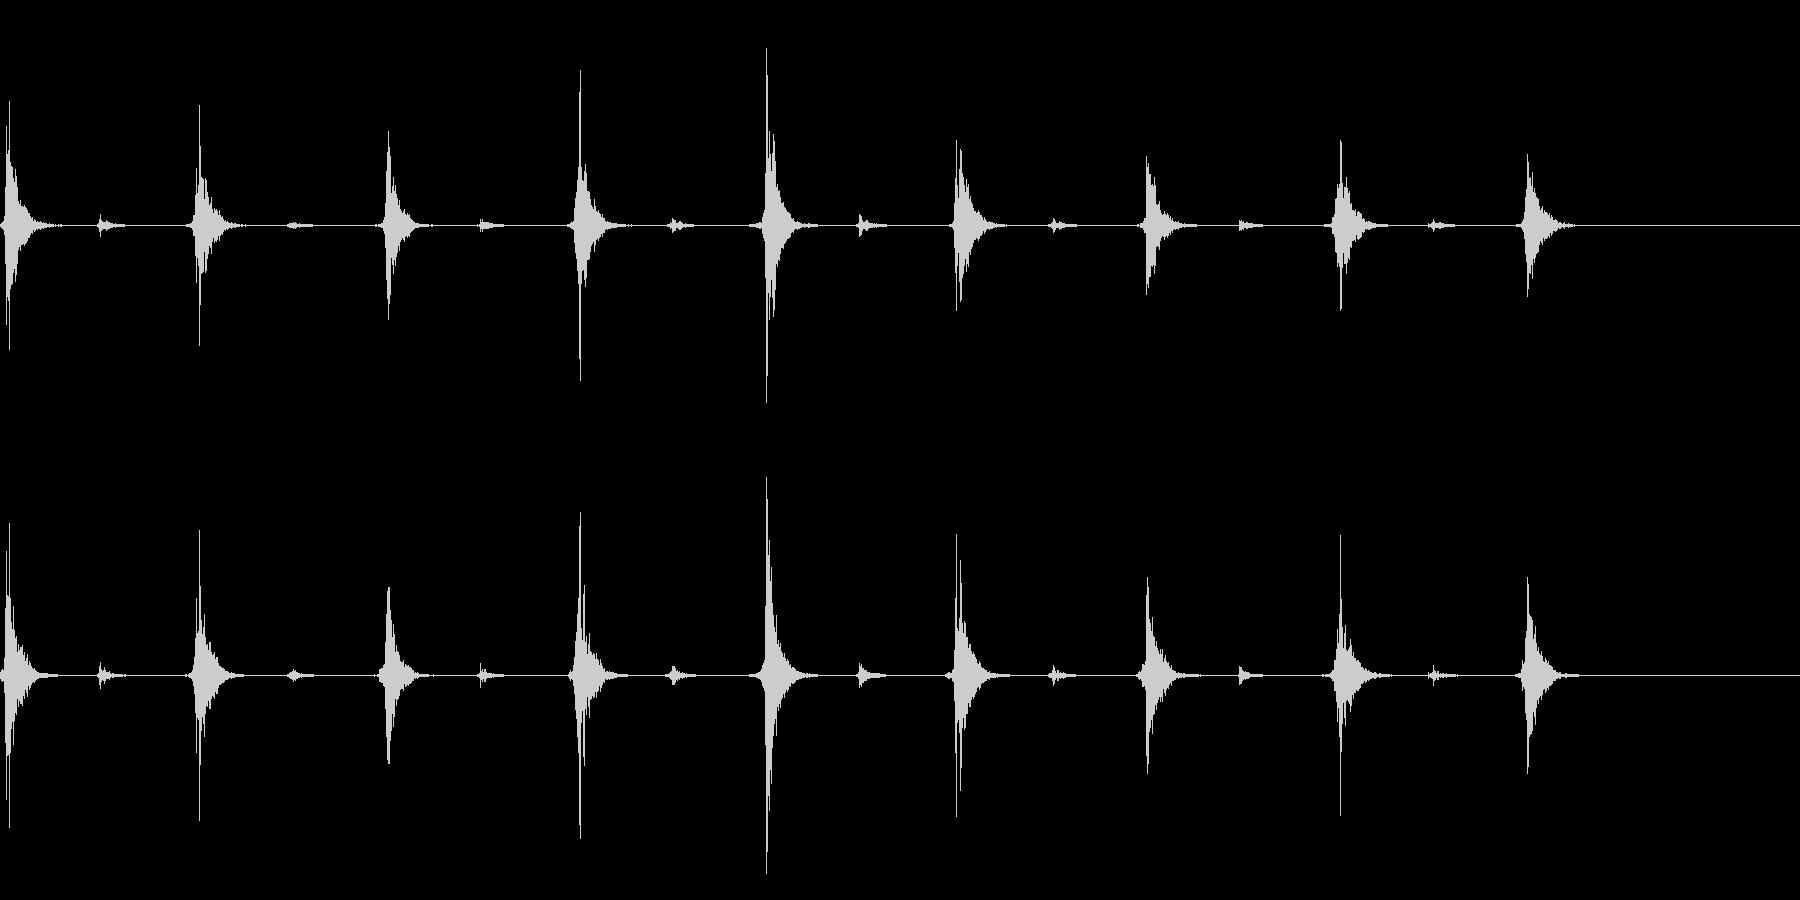 時計 秒針のリアルな効果音 01の未再生の波形